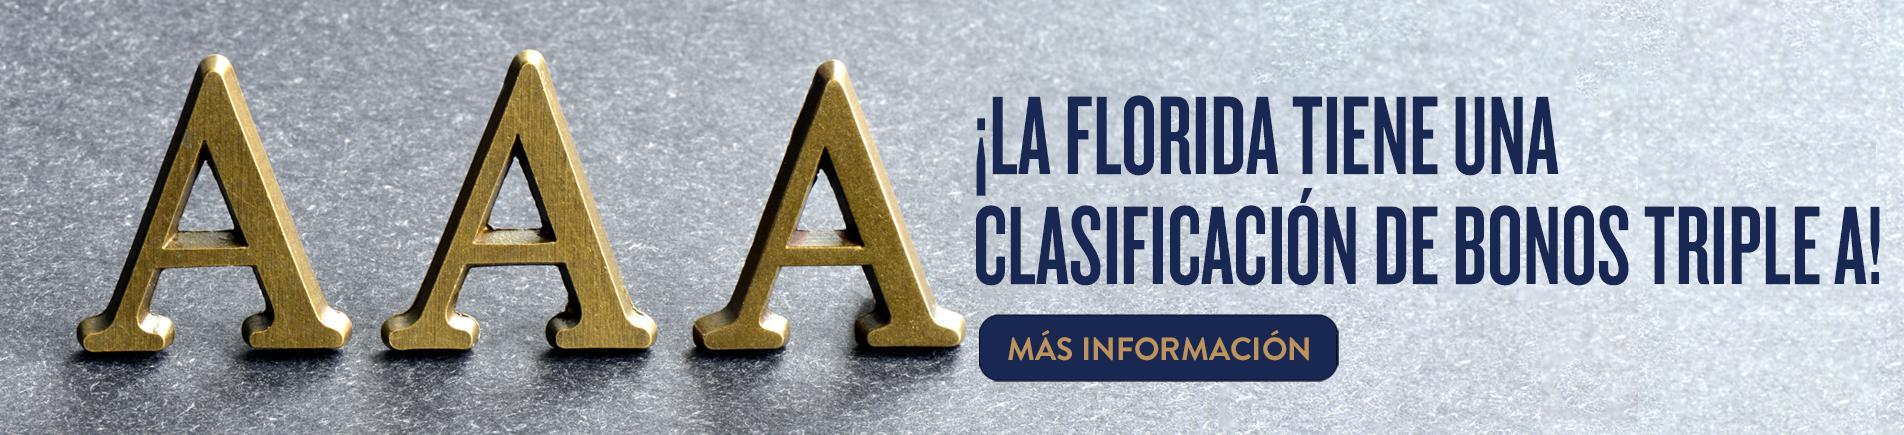 Oficial Principal de Finanzas Jimmy Patronis sobre la Clasificación de Bonos AAA